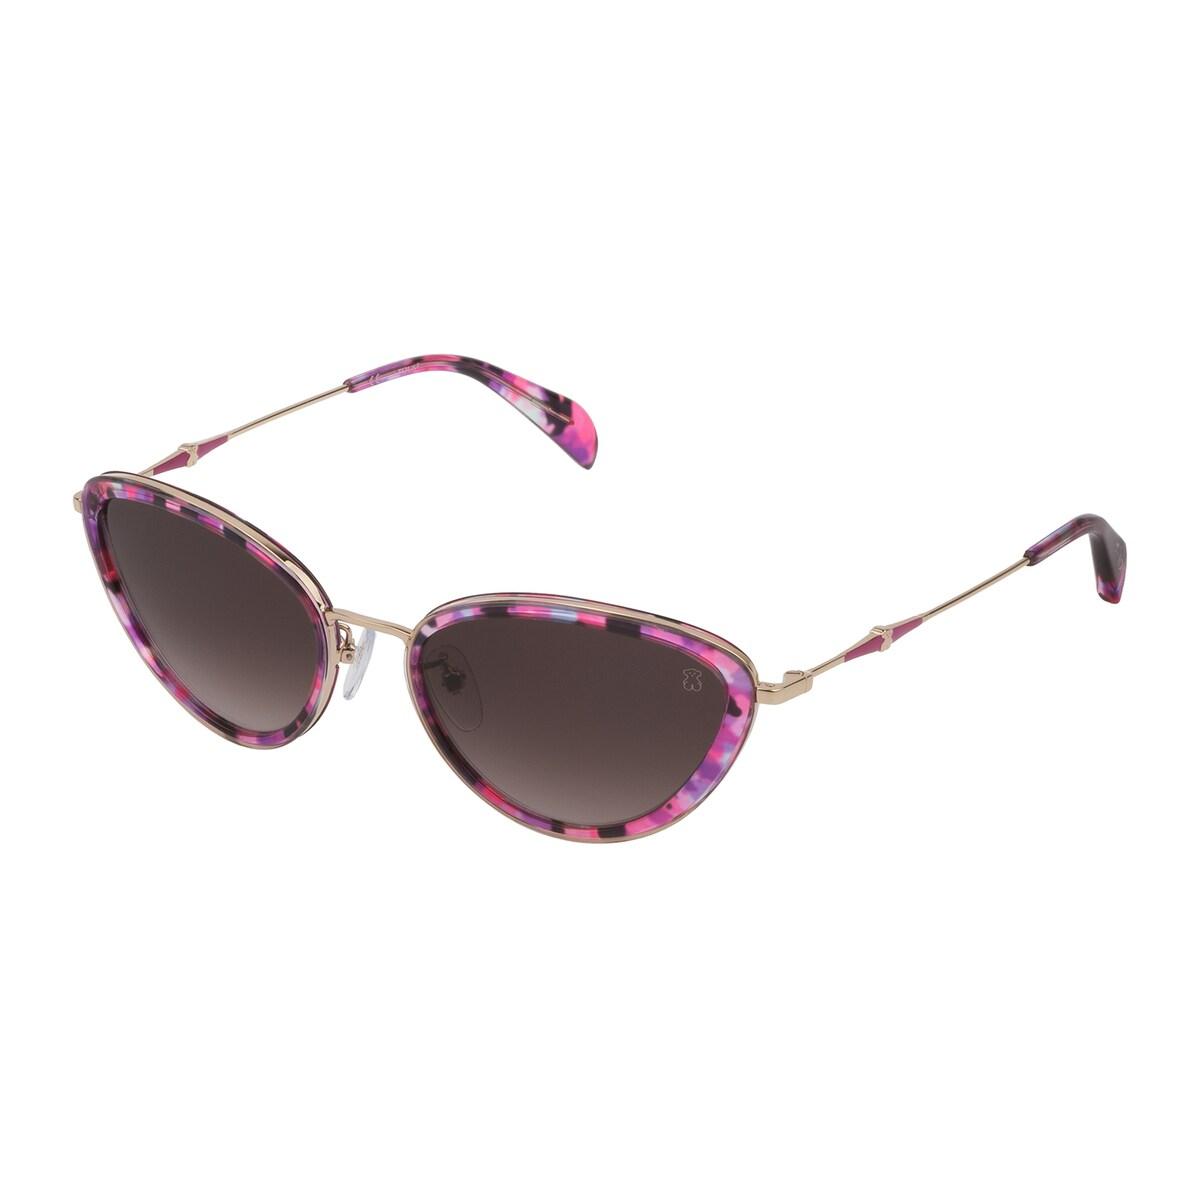 Violet Metal and Acetate Metal Bear Sunglasses